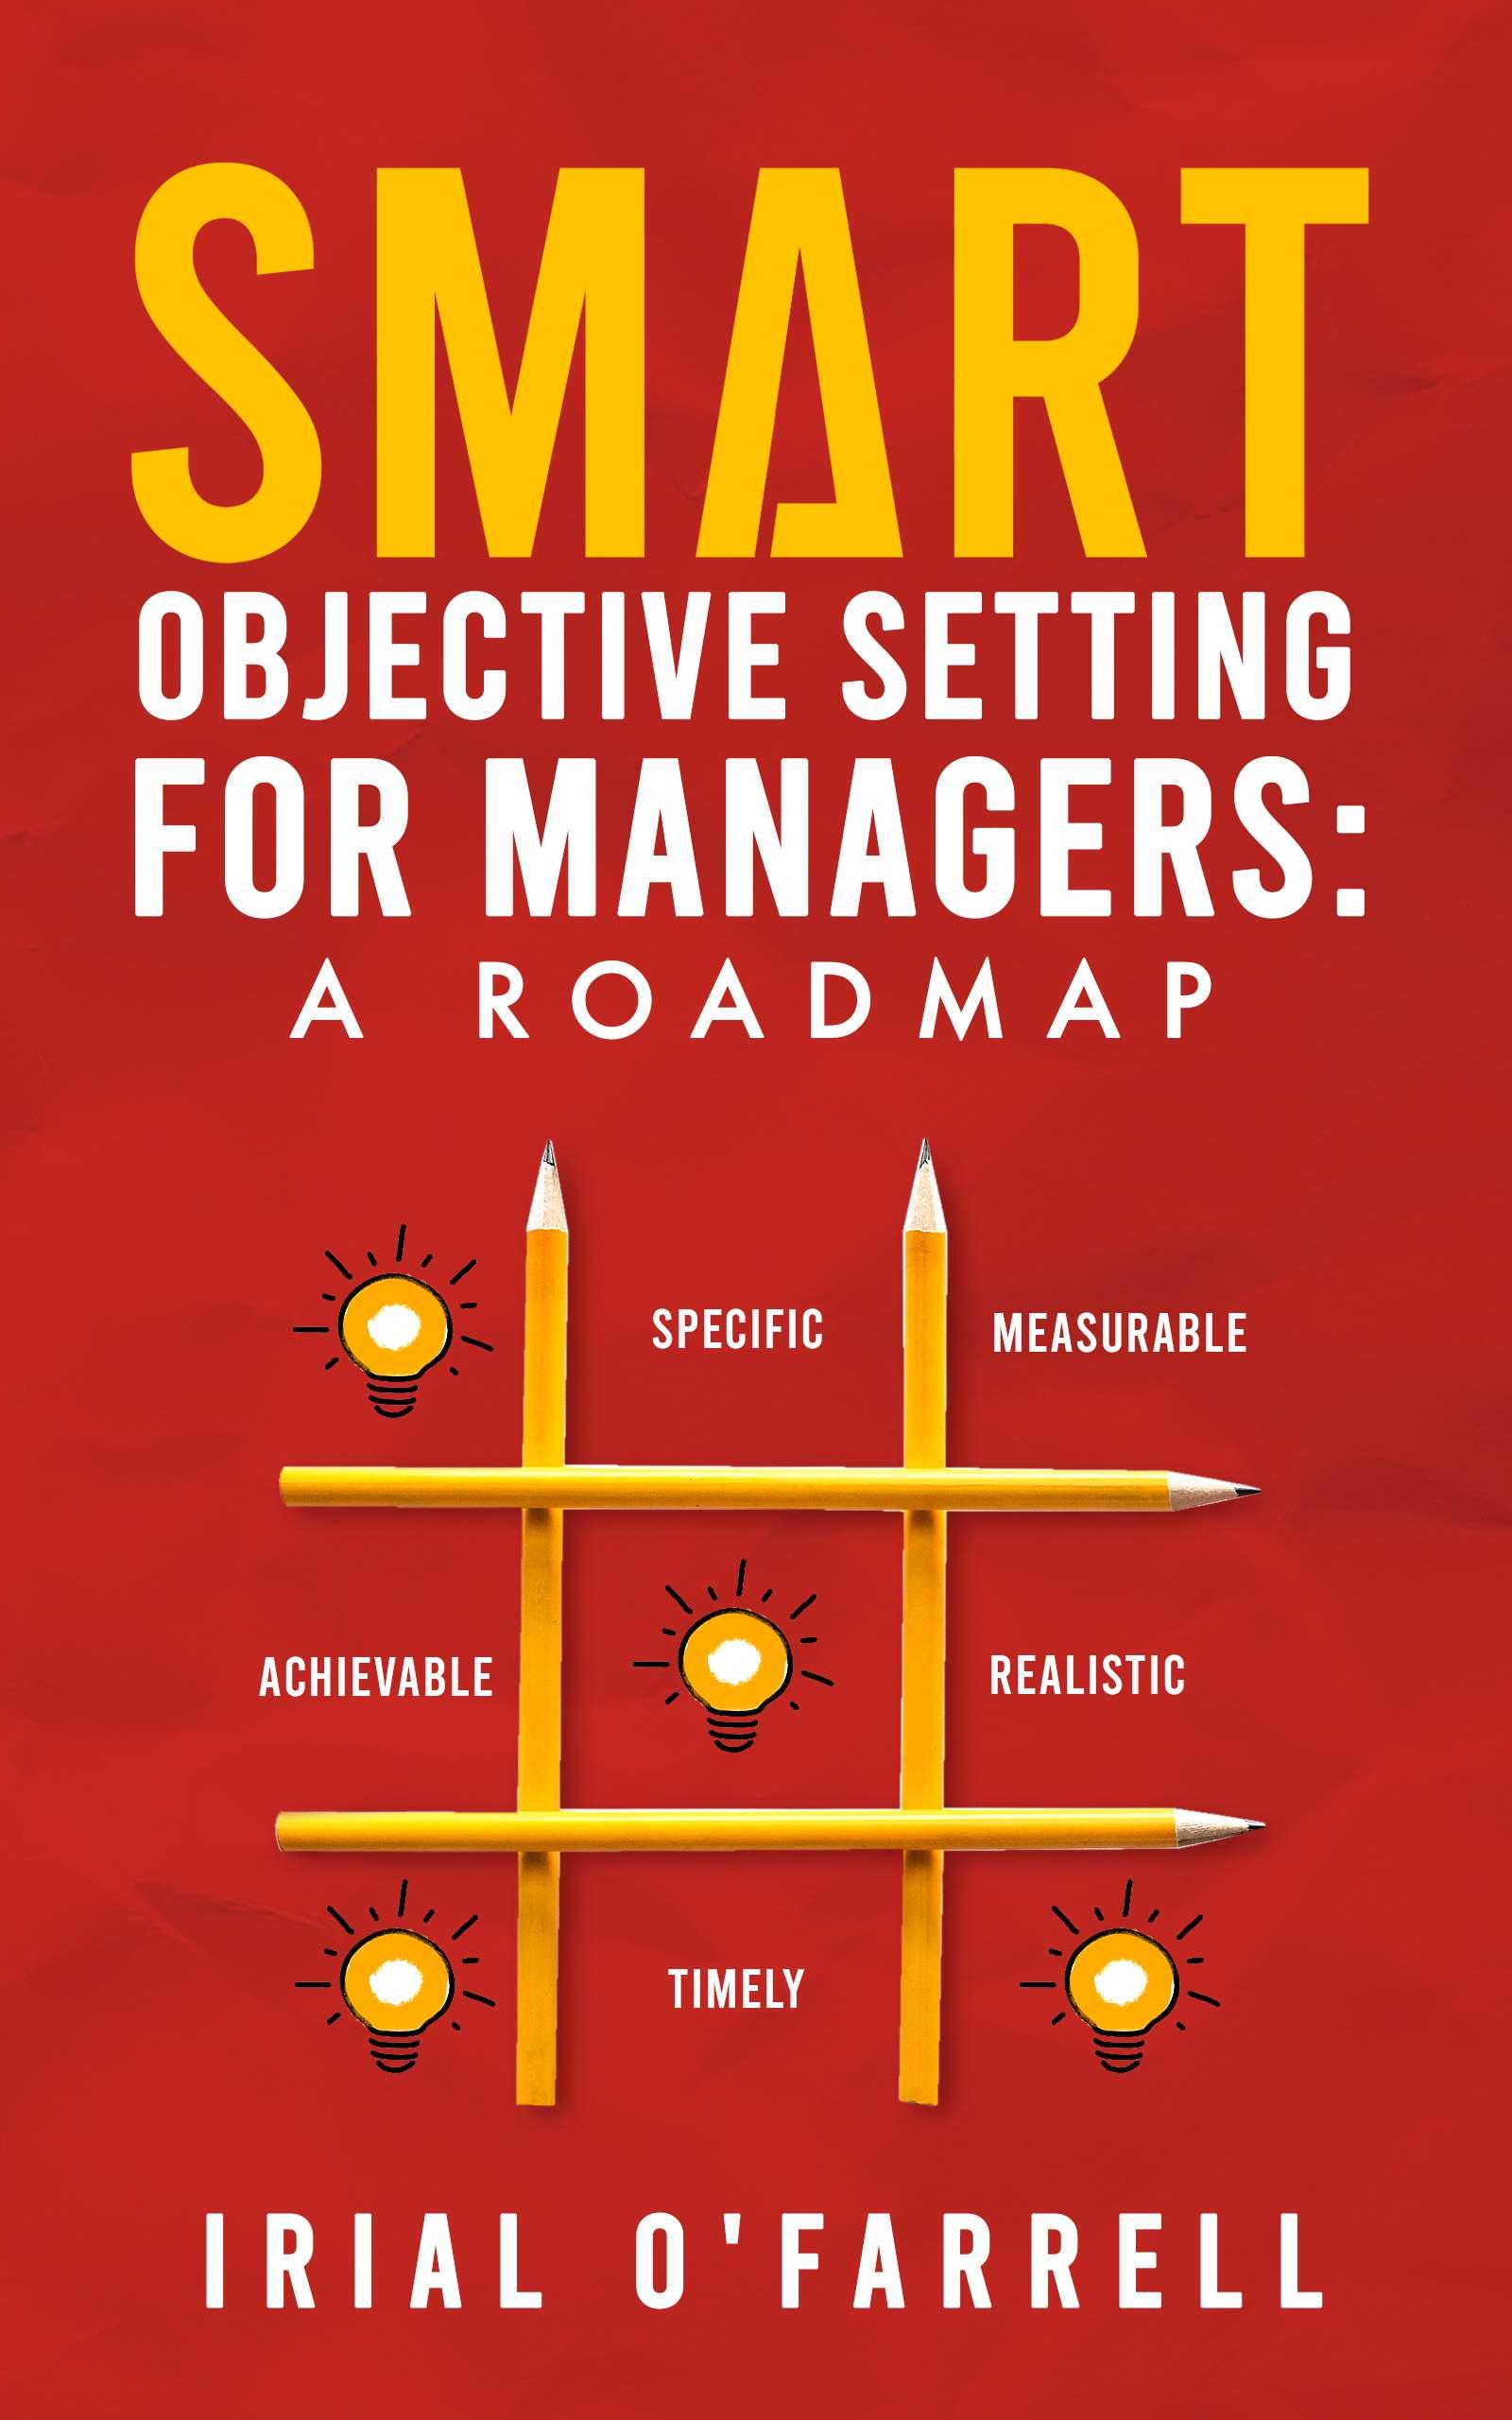 SMART 4 book cover